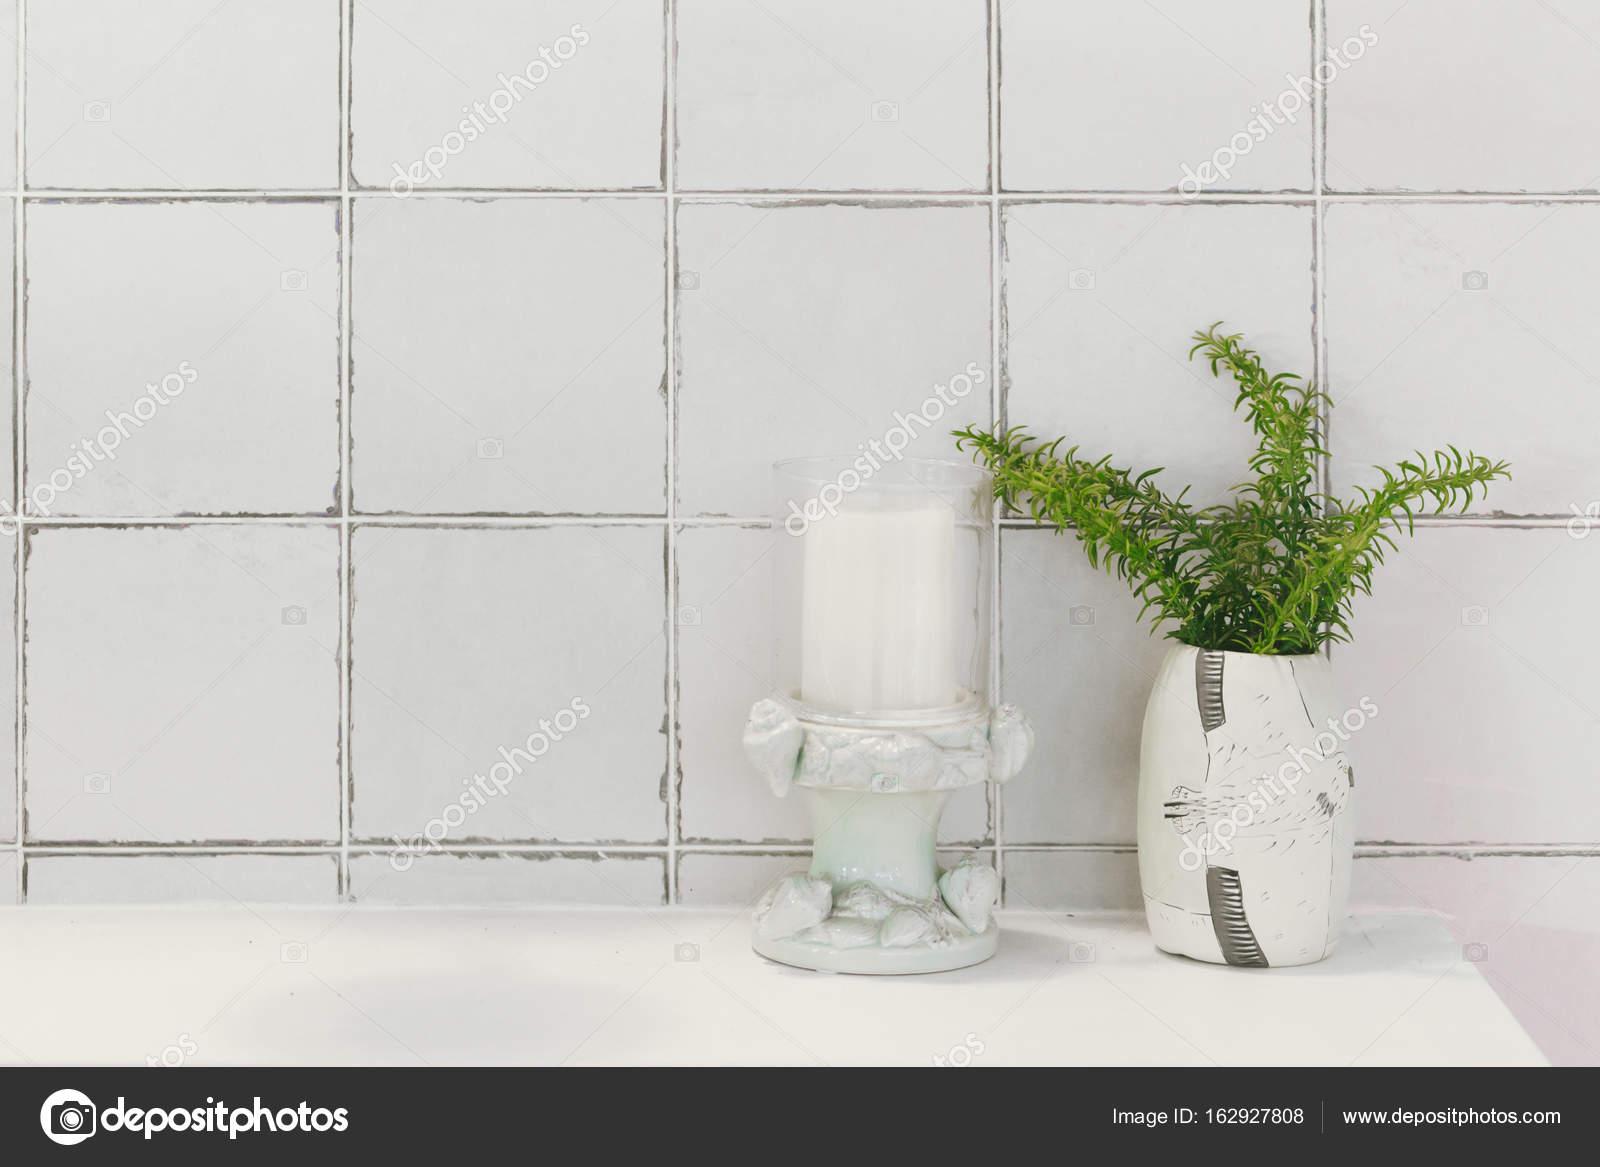 Badkamer toilet of wc natuur decoratie met keramische geglazuurde